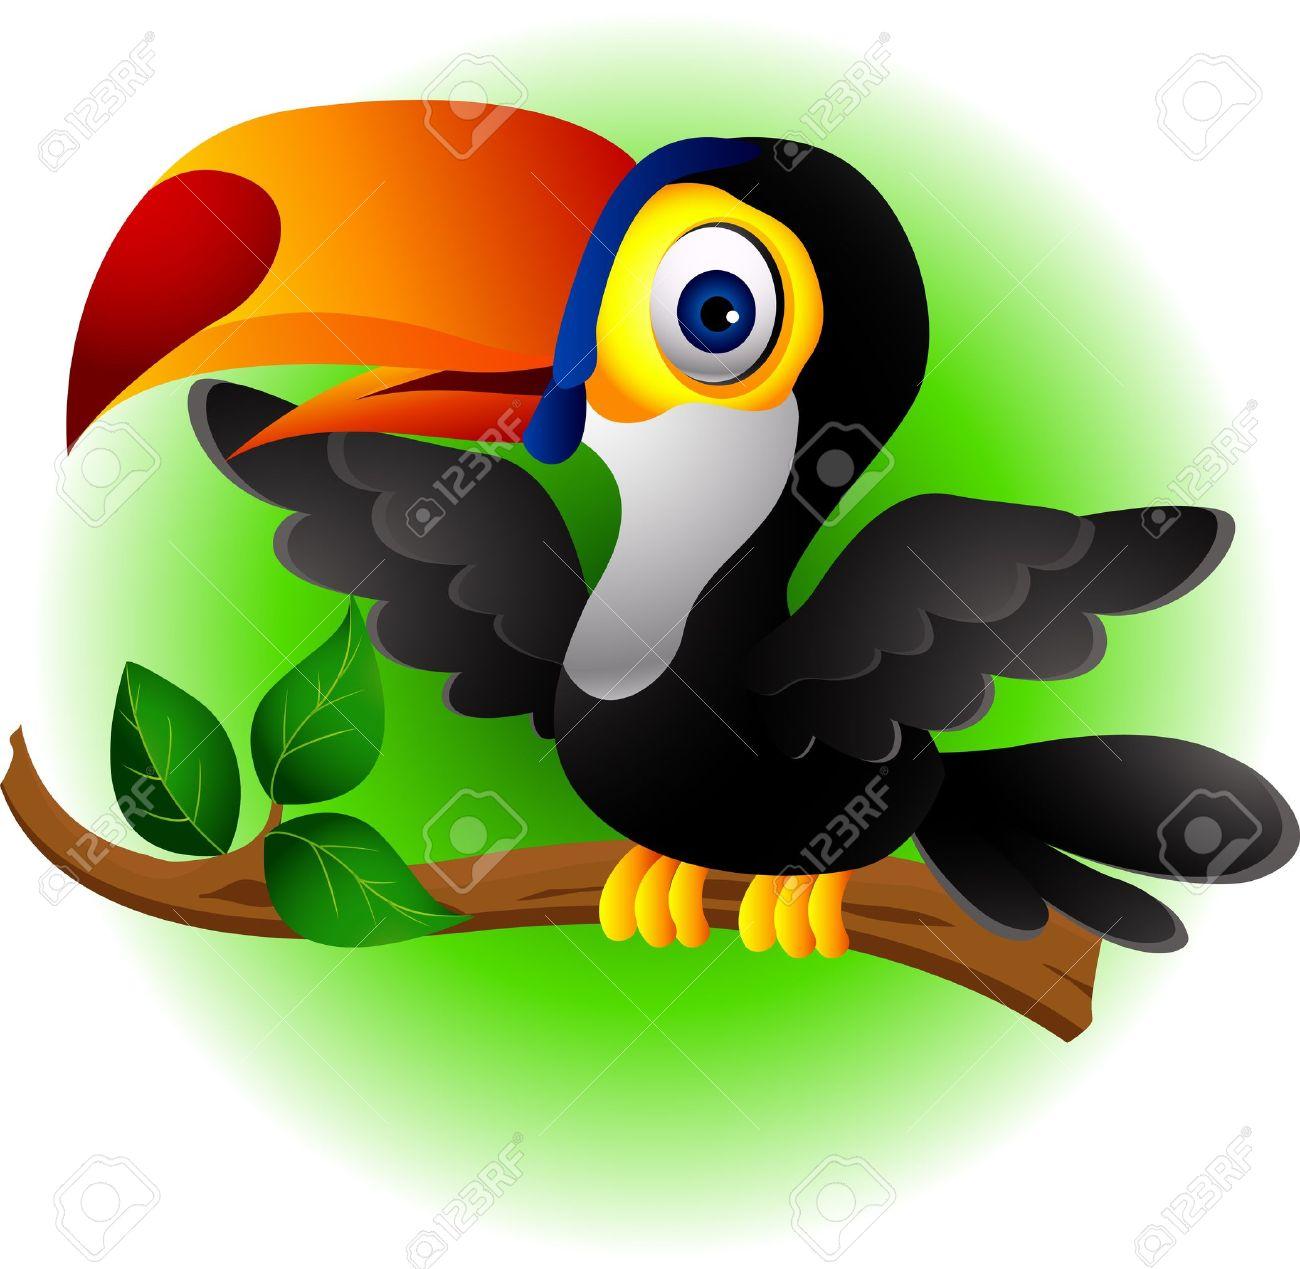 Toucan bird cartoon Stock Vector - 14474380